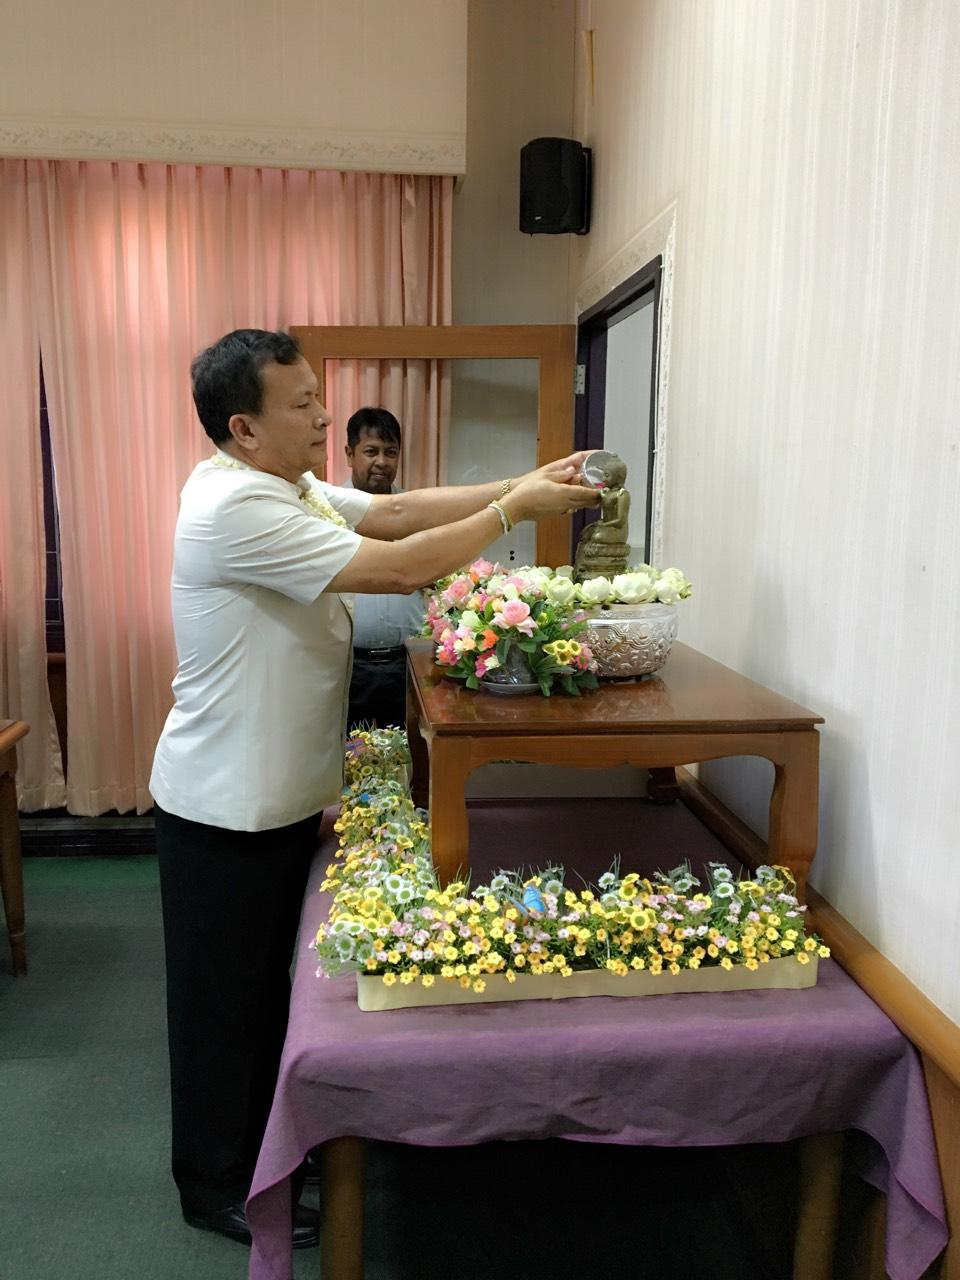 รดน้ำดำหัวท่านจัดหางานจังหวัด เพื่อคารวะ และขอพรเนื่องในโอกาสวันขึ้นปีใหม่ไทย